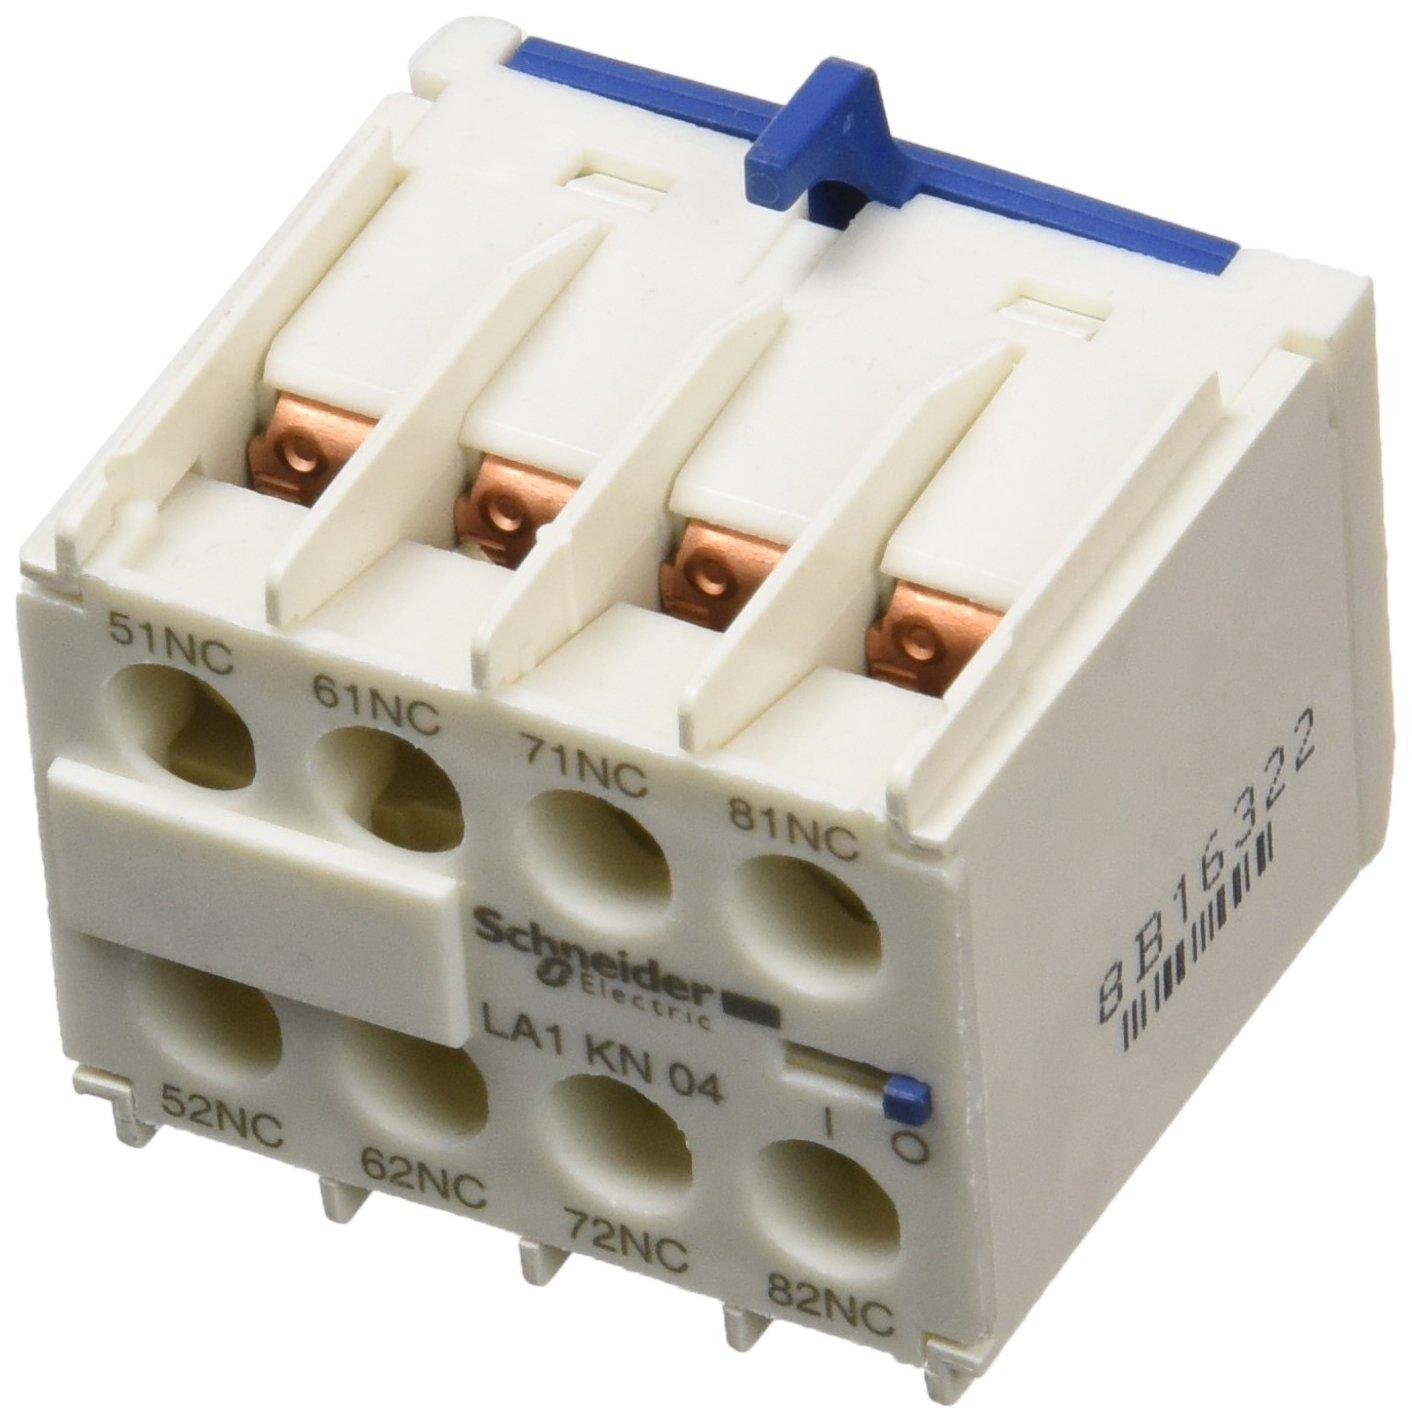 Schneider Electric LA1KN04 bloc de contacts auxiliaires TeSys, 0 F + 4 O, bornes à vis-étriers bornes à vis-étriers